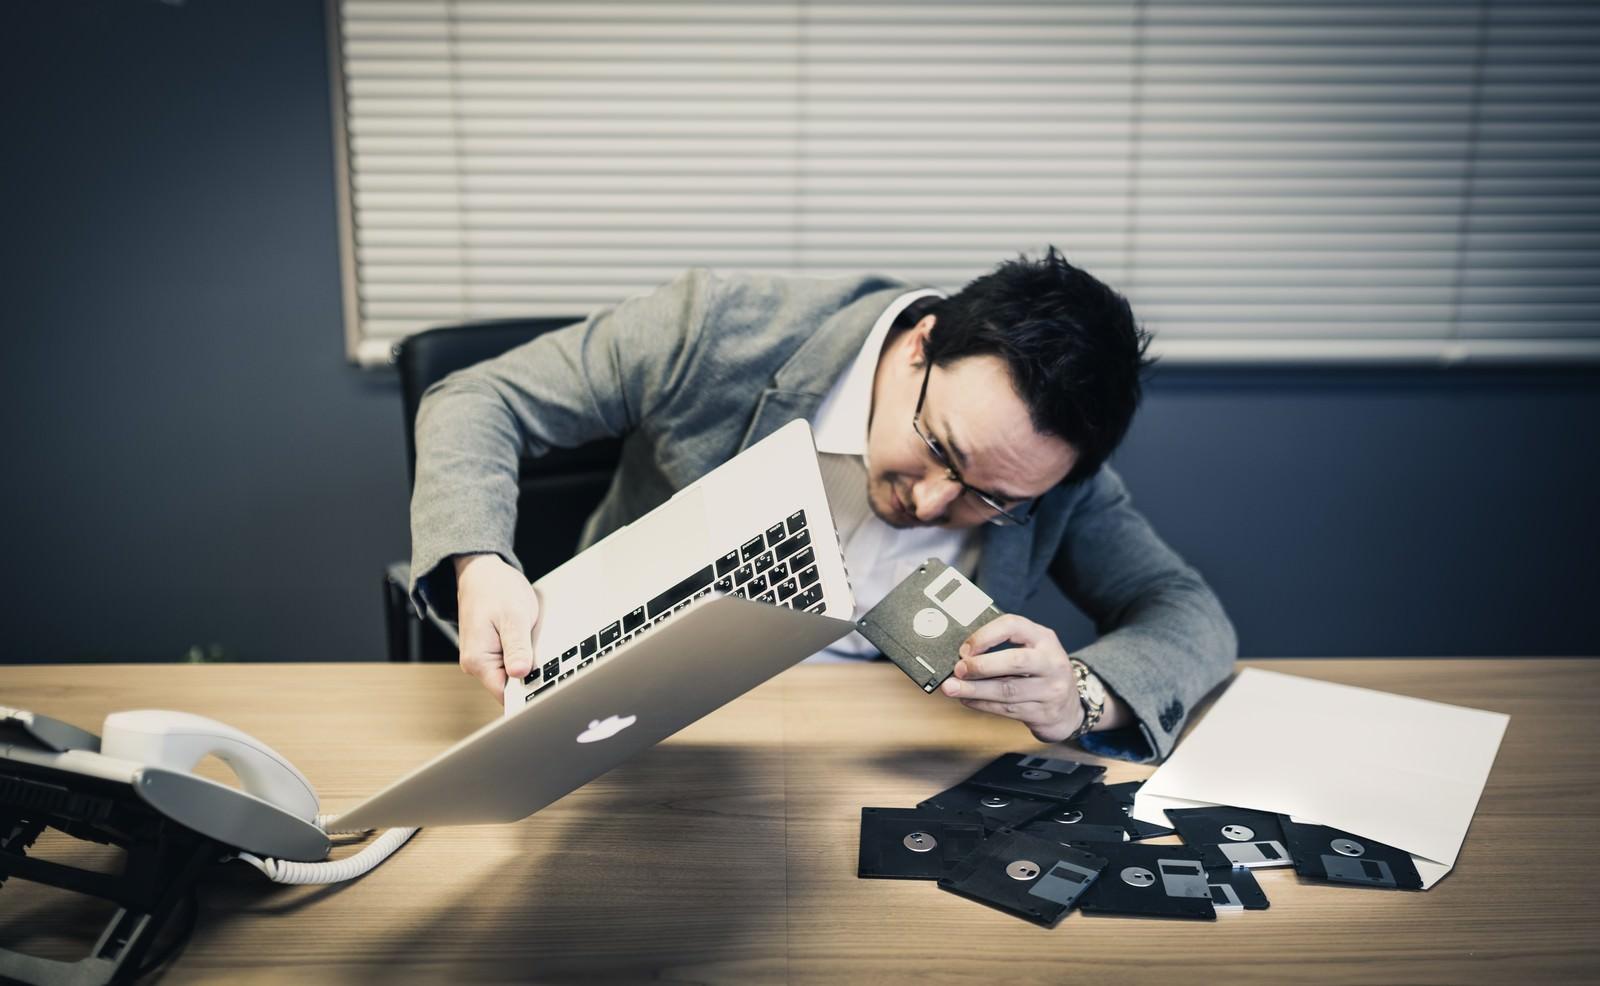 「フロッピーディスクを差し込もうにもドライブが見つからないドイツ人ハーフ」の写真[モデル:Max_Ezaki]